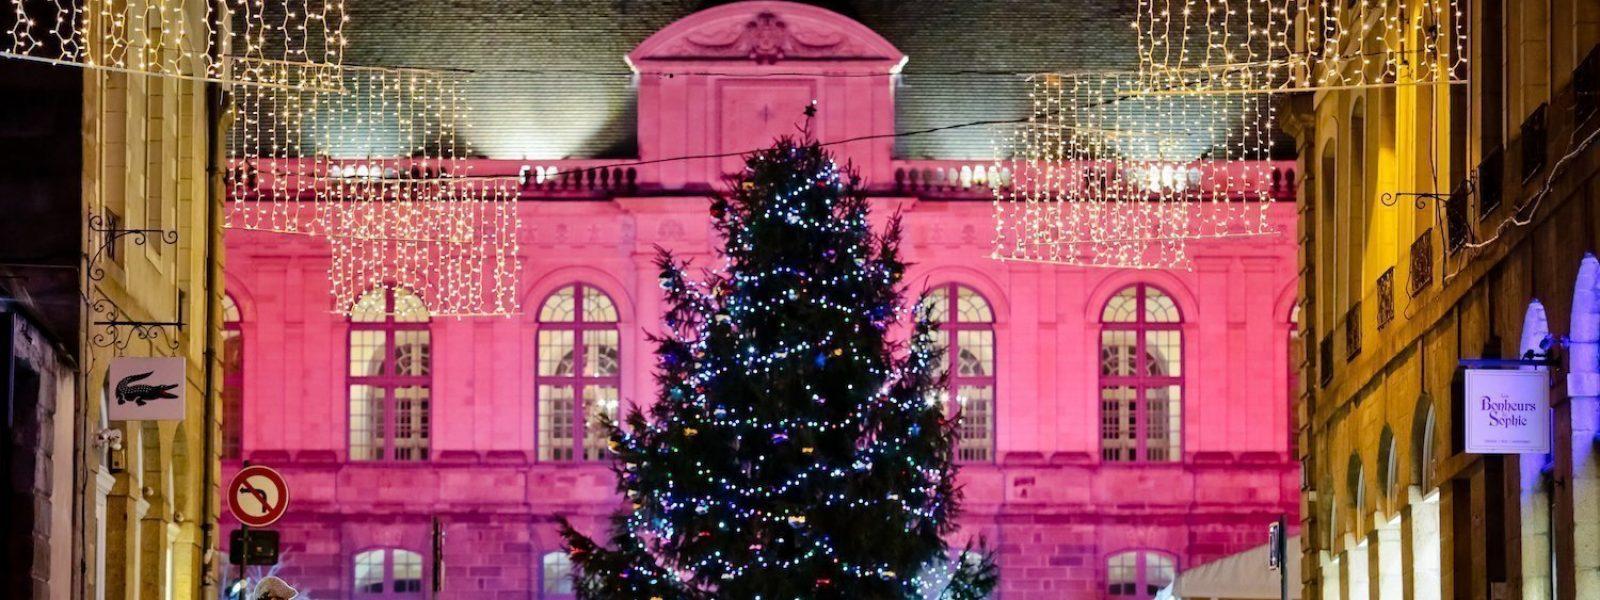 Illuminations à Rennes pour la fin d'année